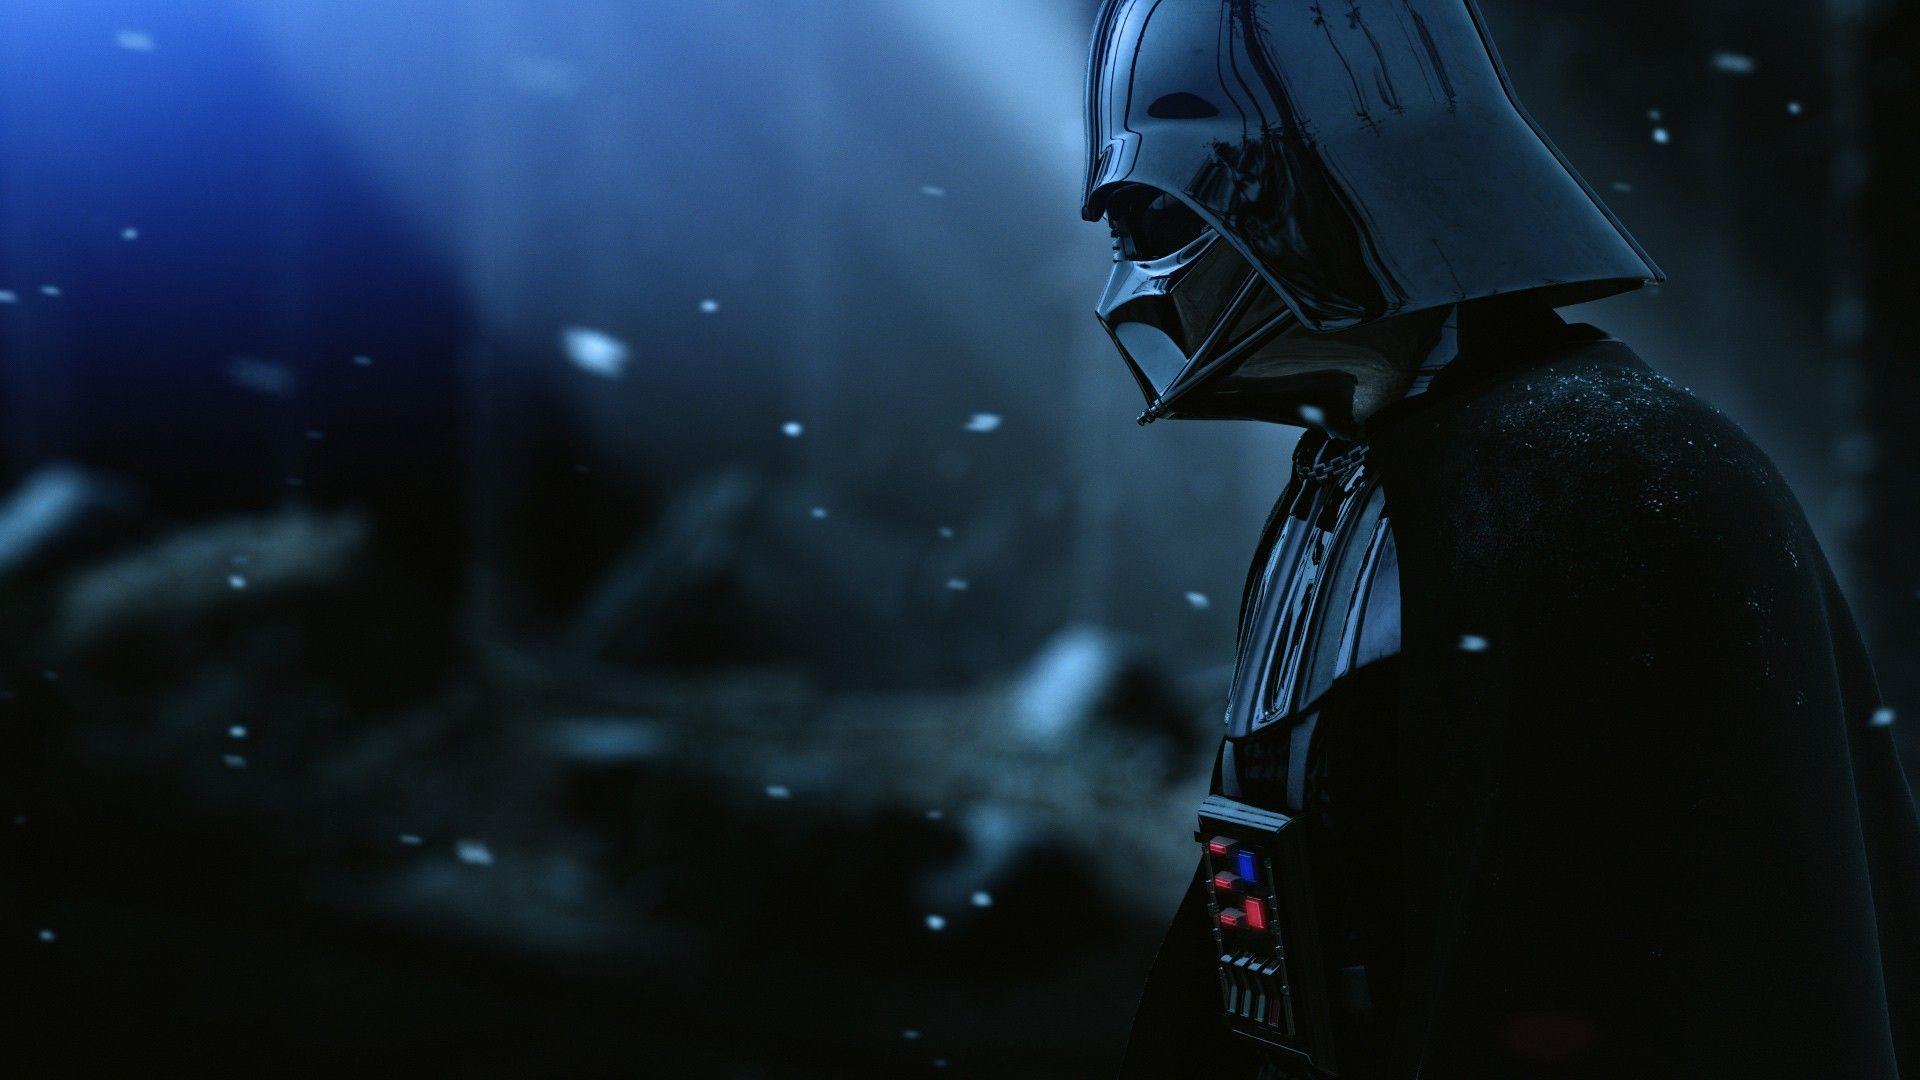 Star-Wars-Darth-Vader-http-www-fullhdwpp-com-movies-star-wars-darth-vader-wallpaper-wpc9009442